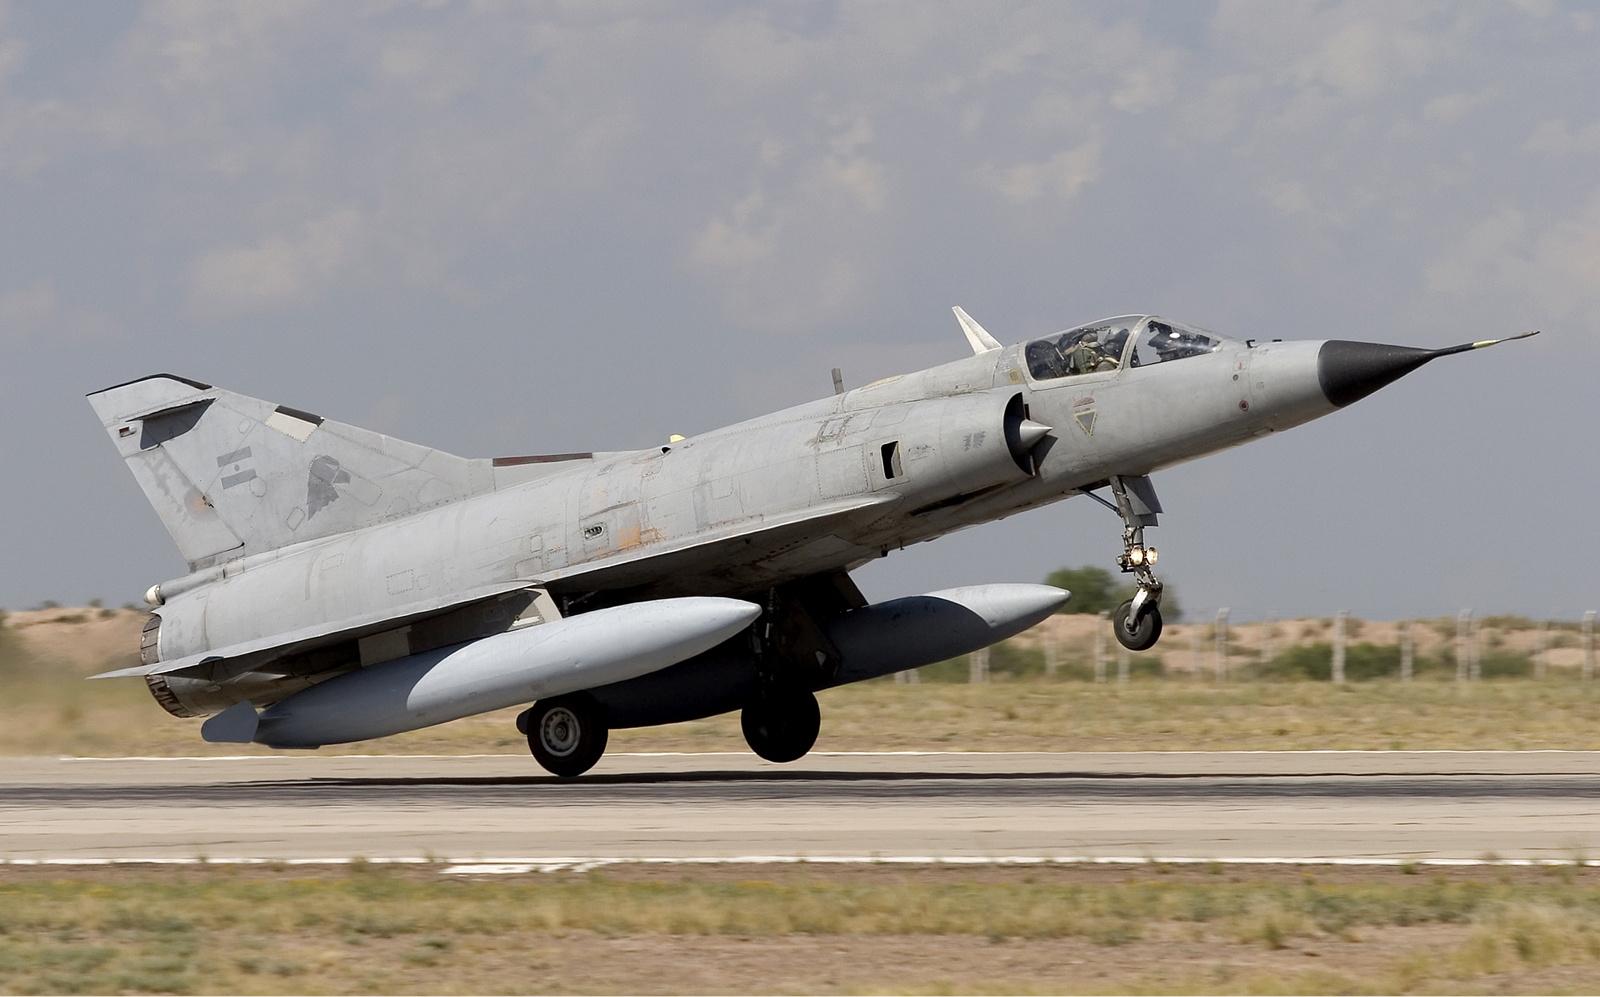 Mirage F1M: ¿Una opción para Argentina...? -vicios ocultos- - Página 4 Argentina_Air_Force_Dassault_Mirage_IIIEA_Lofting-1